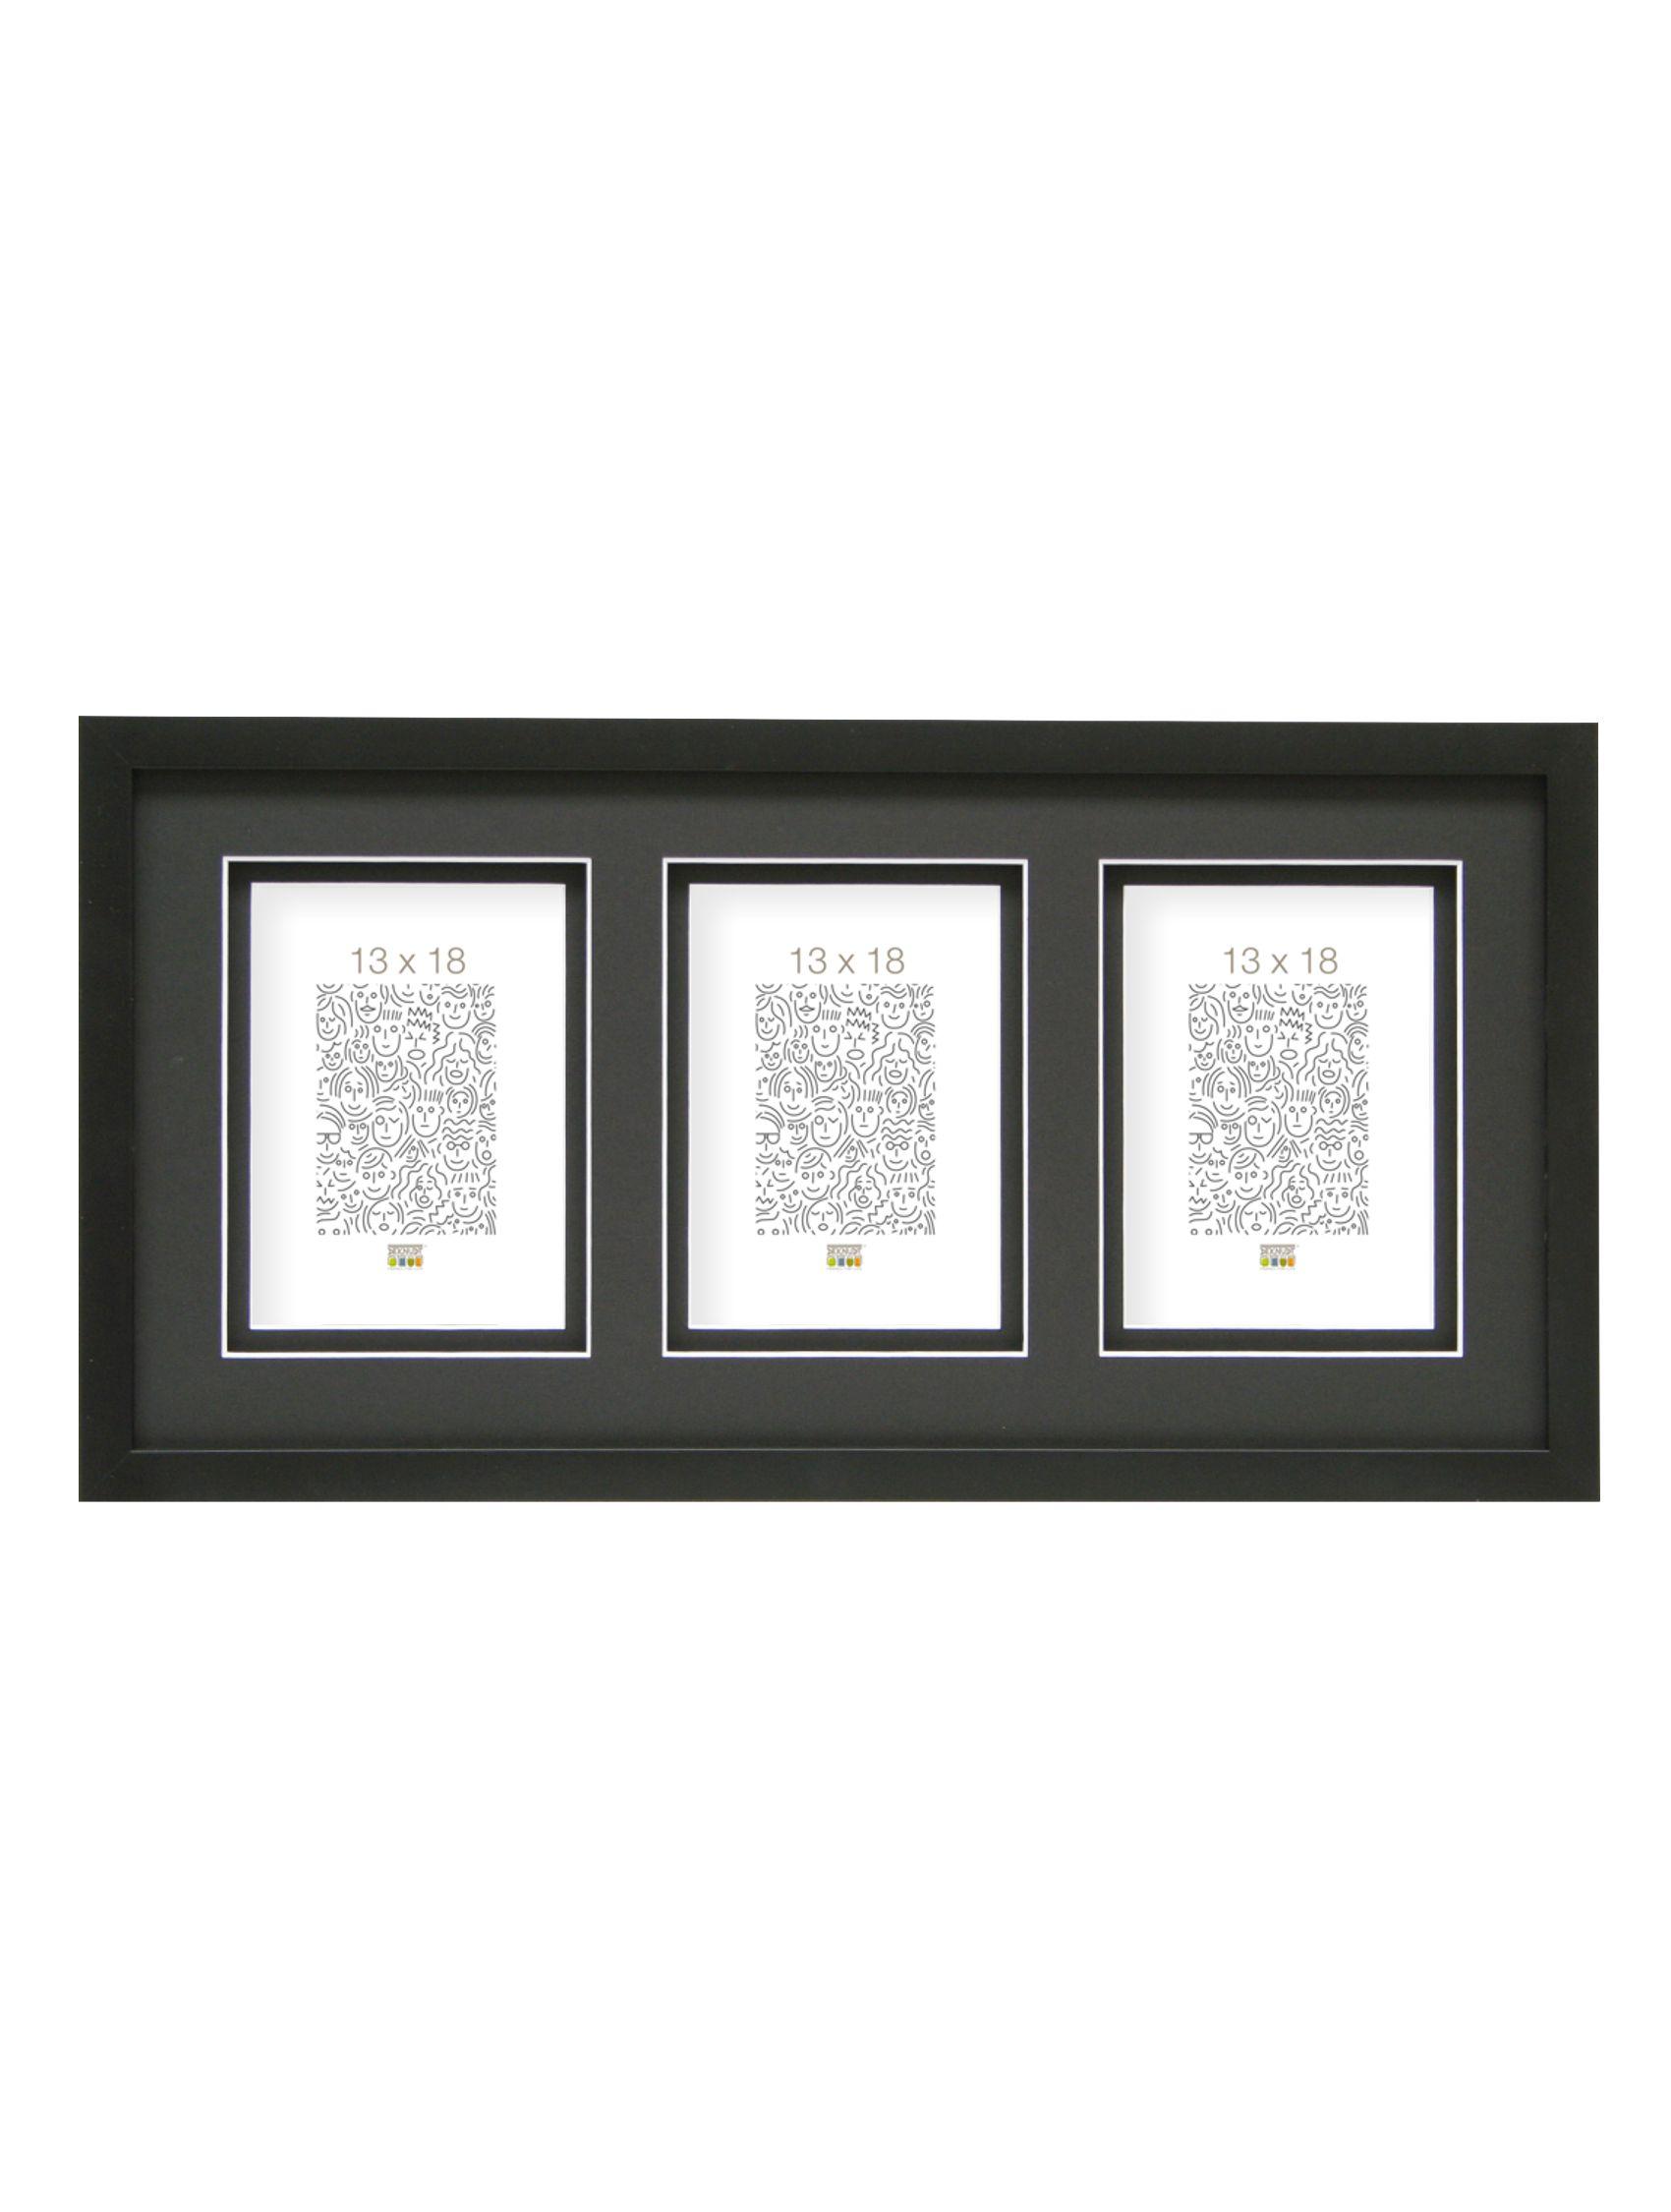 Fotokader, zwart met dubbele passe-partout met extratussenruimte, voor 3 foto's S43DK2 P3